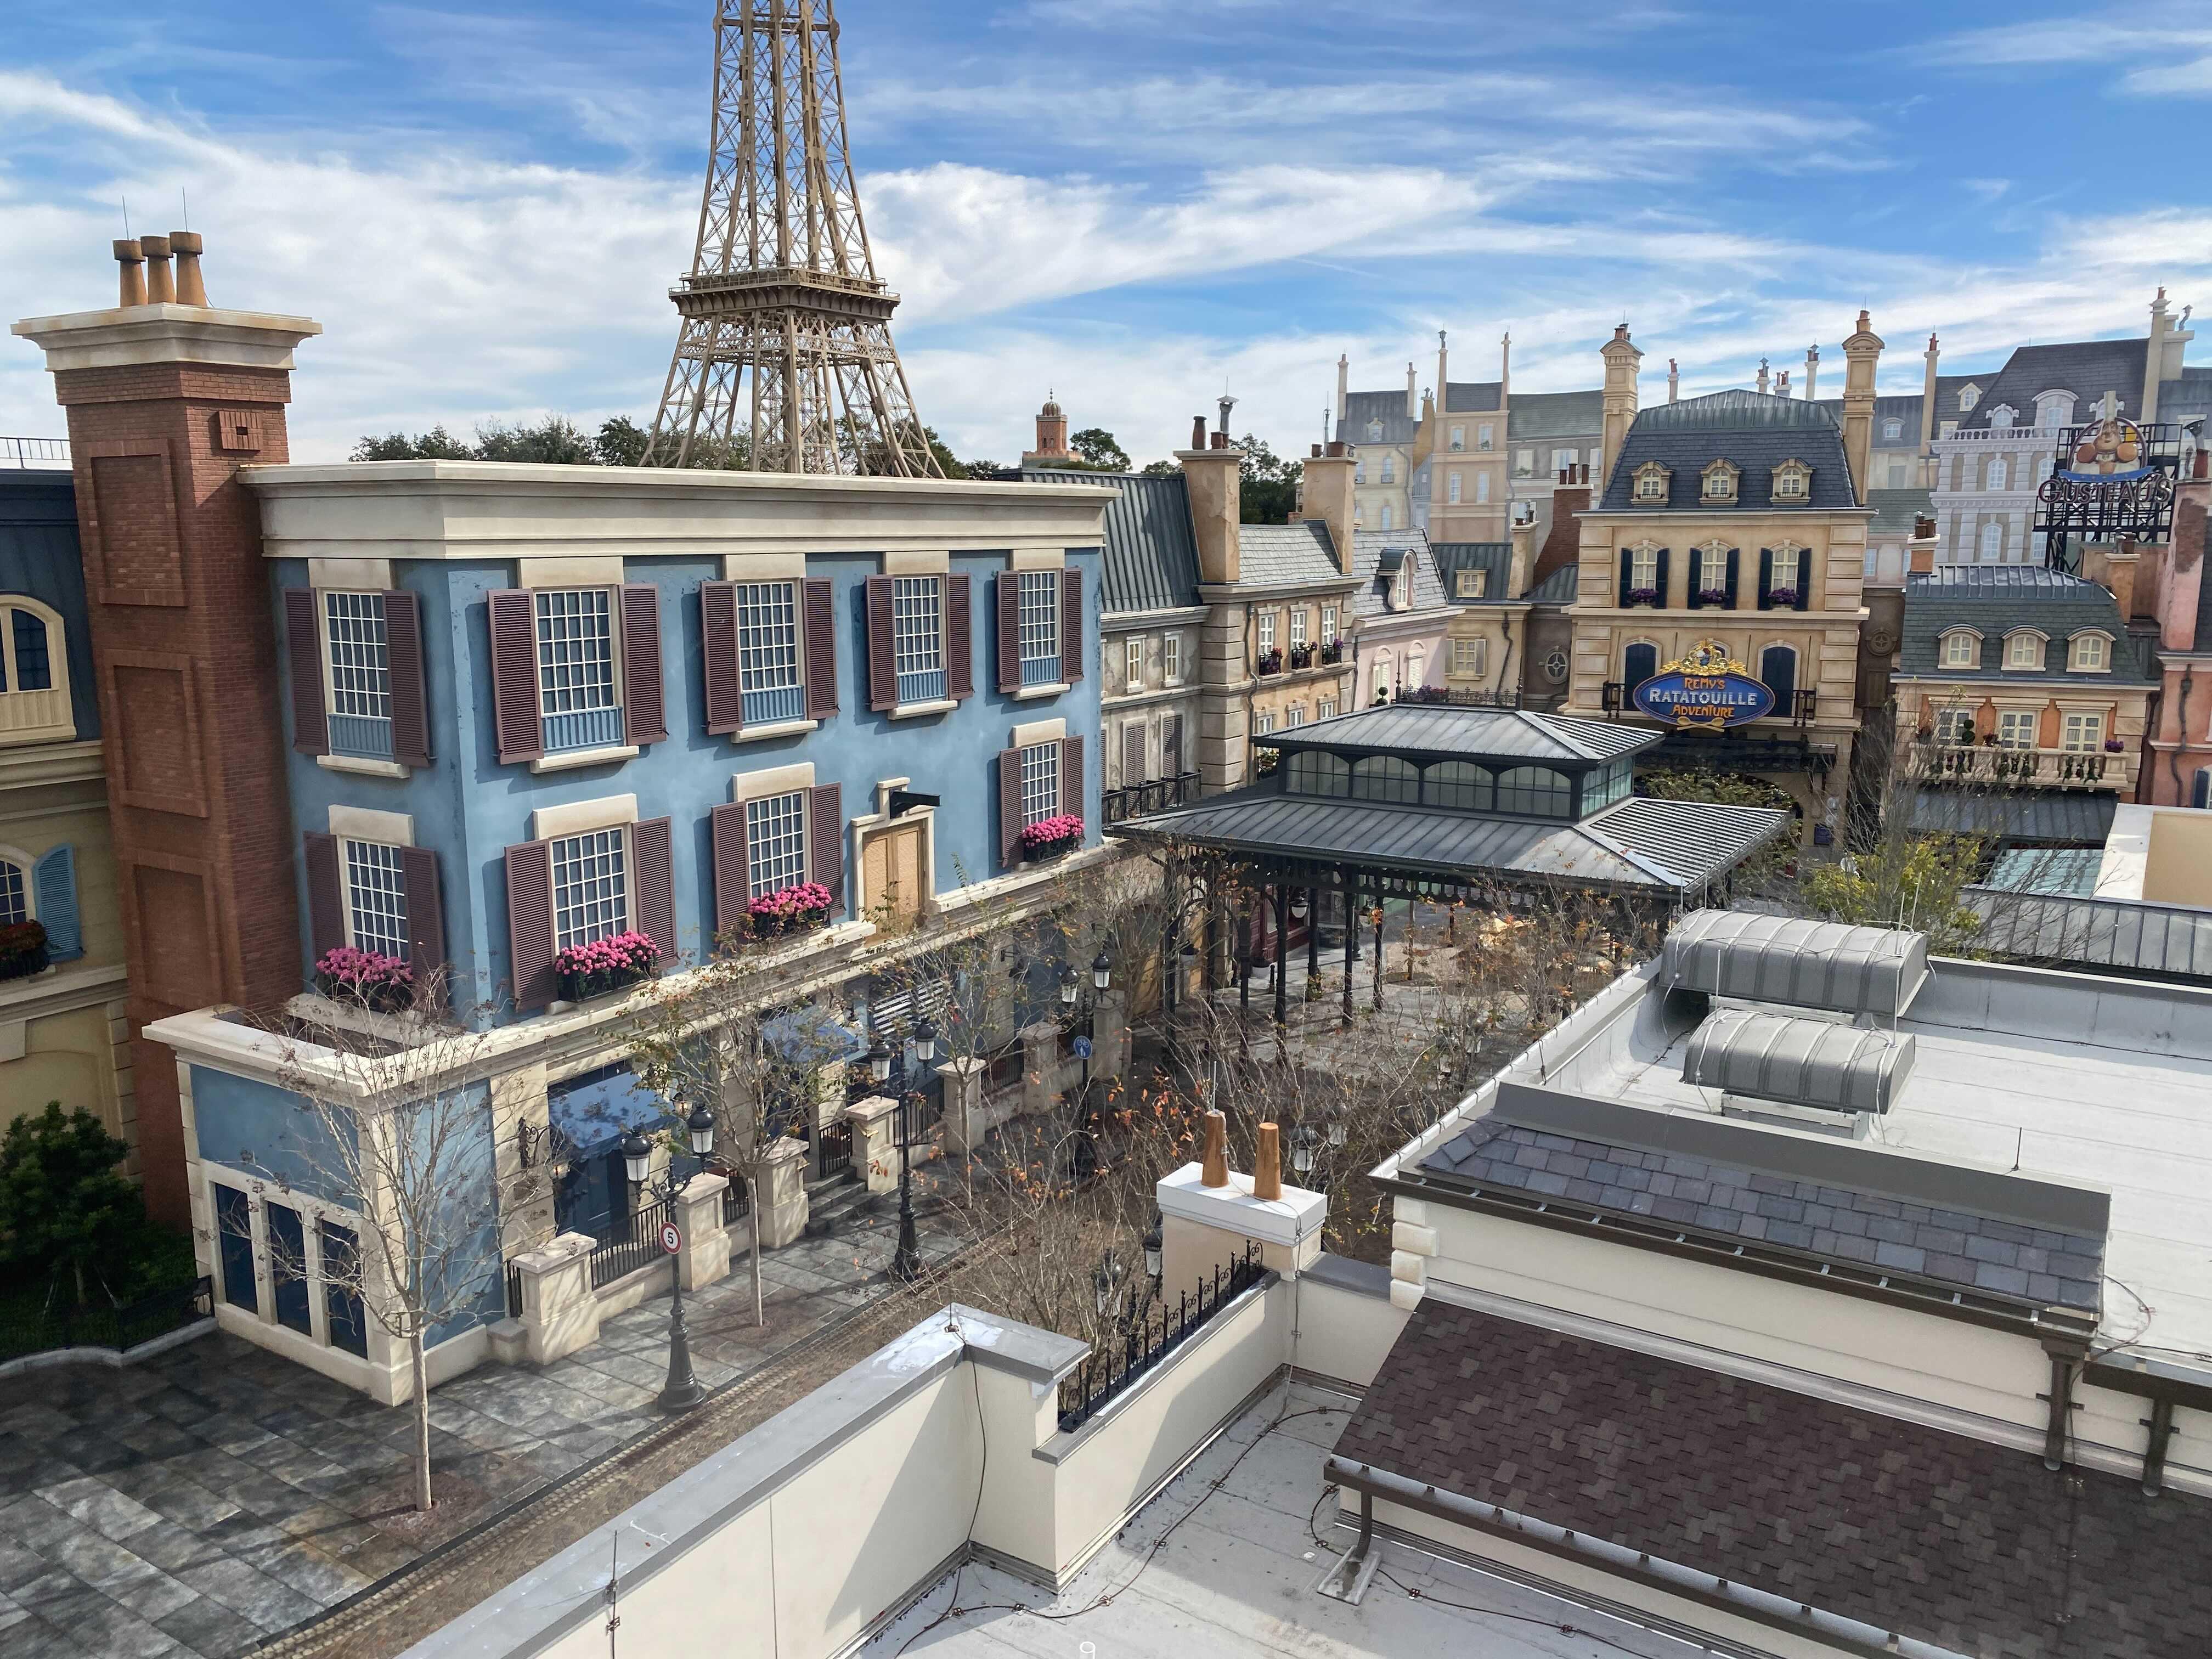 France-Pavilion-Expansion-Remys-Ratatouille-Adventure-construction-update-9-2702158.jpg